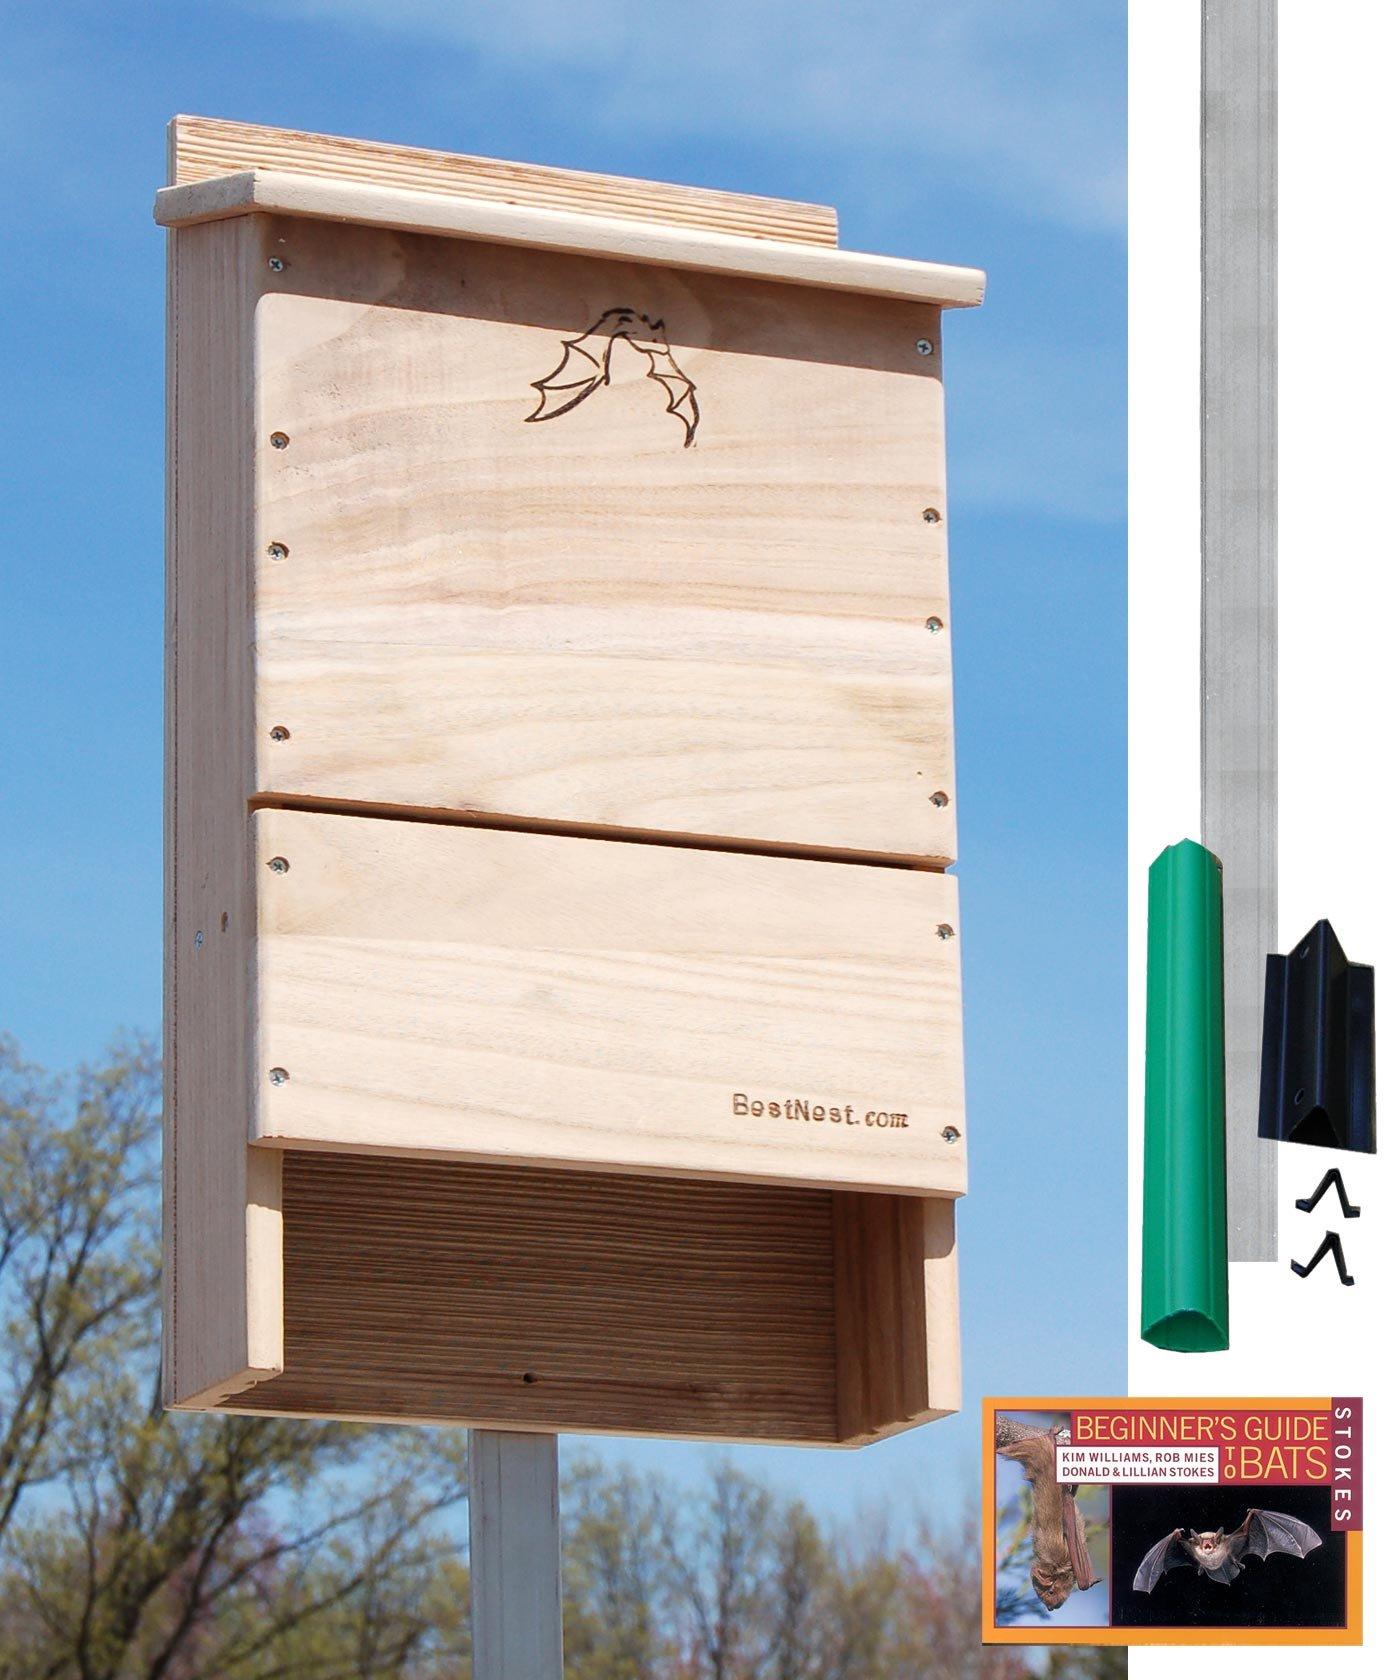 BestNest Triple-Celled Bat House Kit with Pole, 250 bats